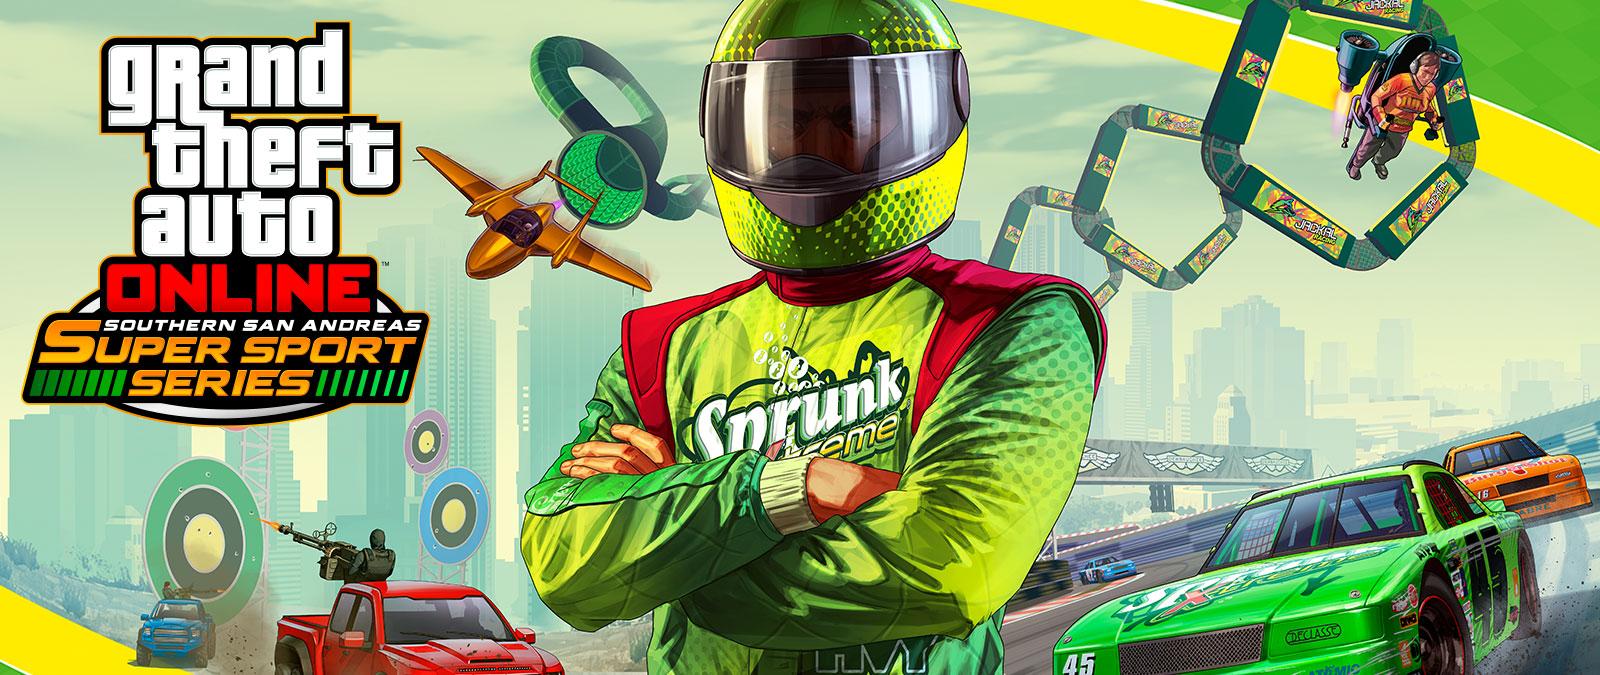 Grand Theft Auto Online Southern San Andreas Super Sports Series, el conductor de coches de carreras, Sprunk, se para con los brazos cruzados, delante de varios tipos de carreras.